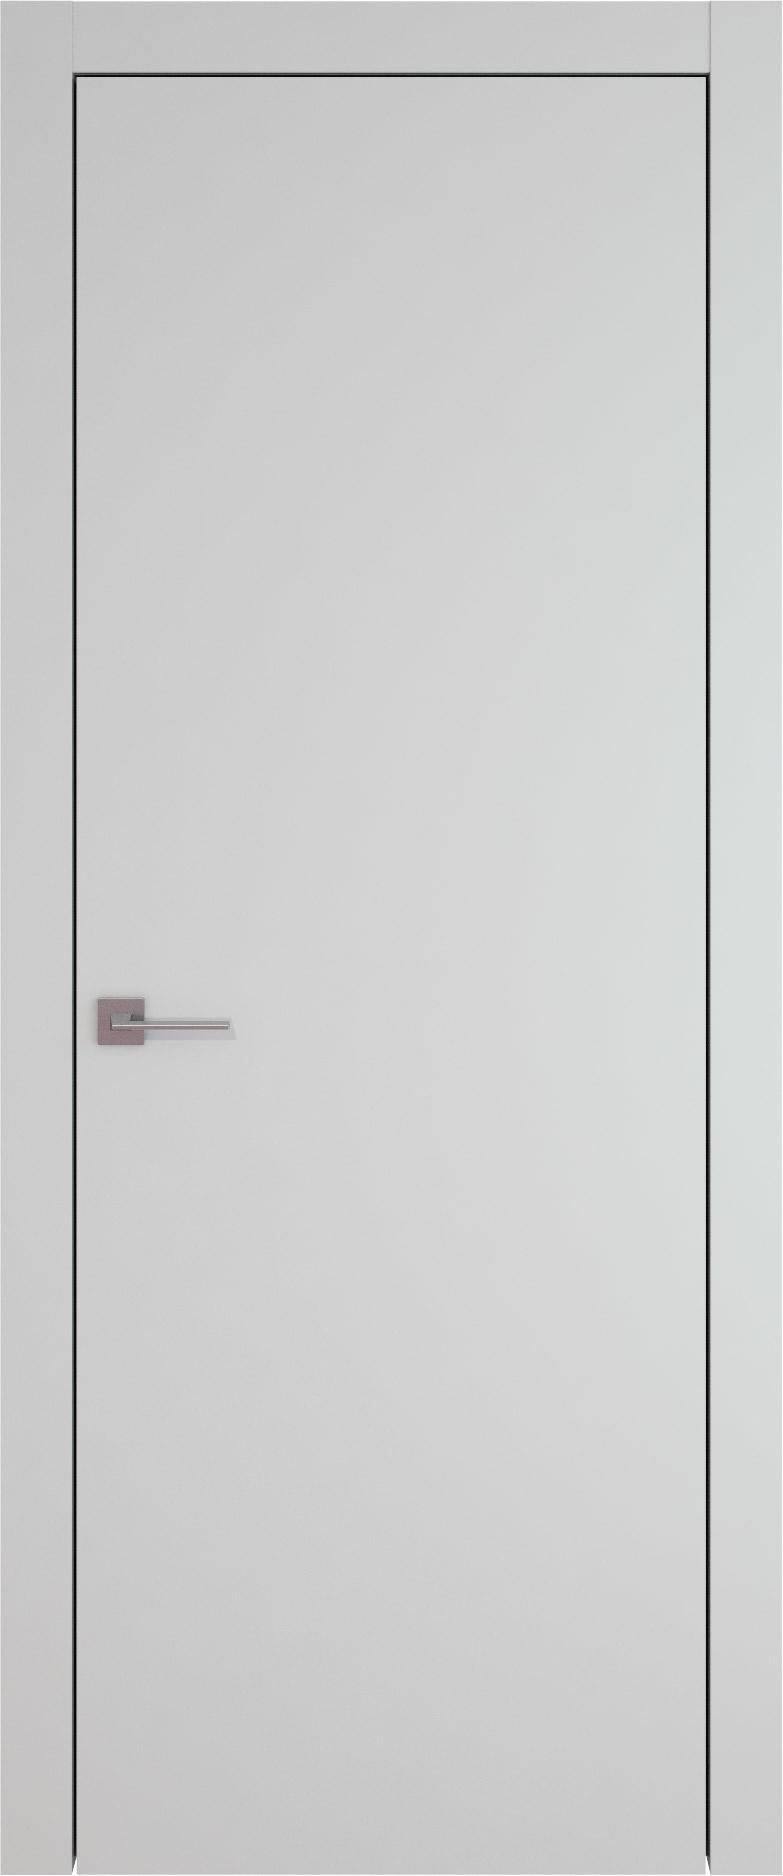 Tivoli А-1 цвет - Серая эмаль (RAL 7047) Без стекла (ДГ)